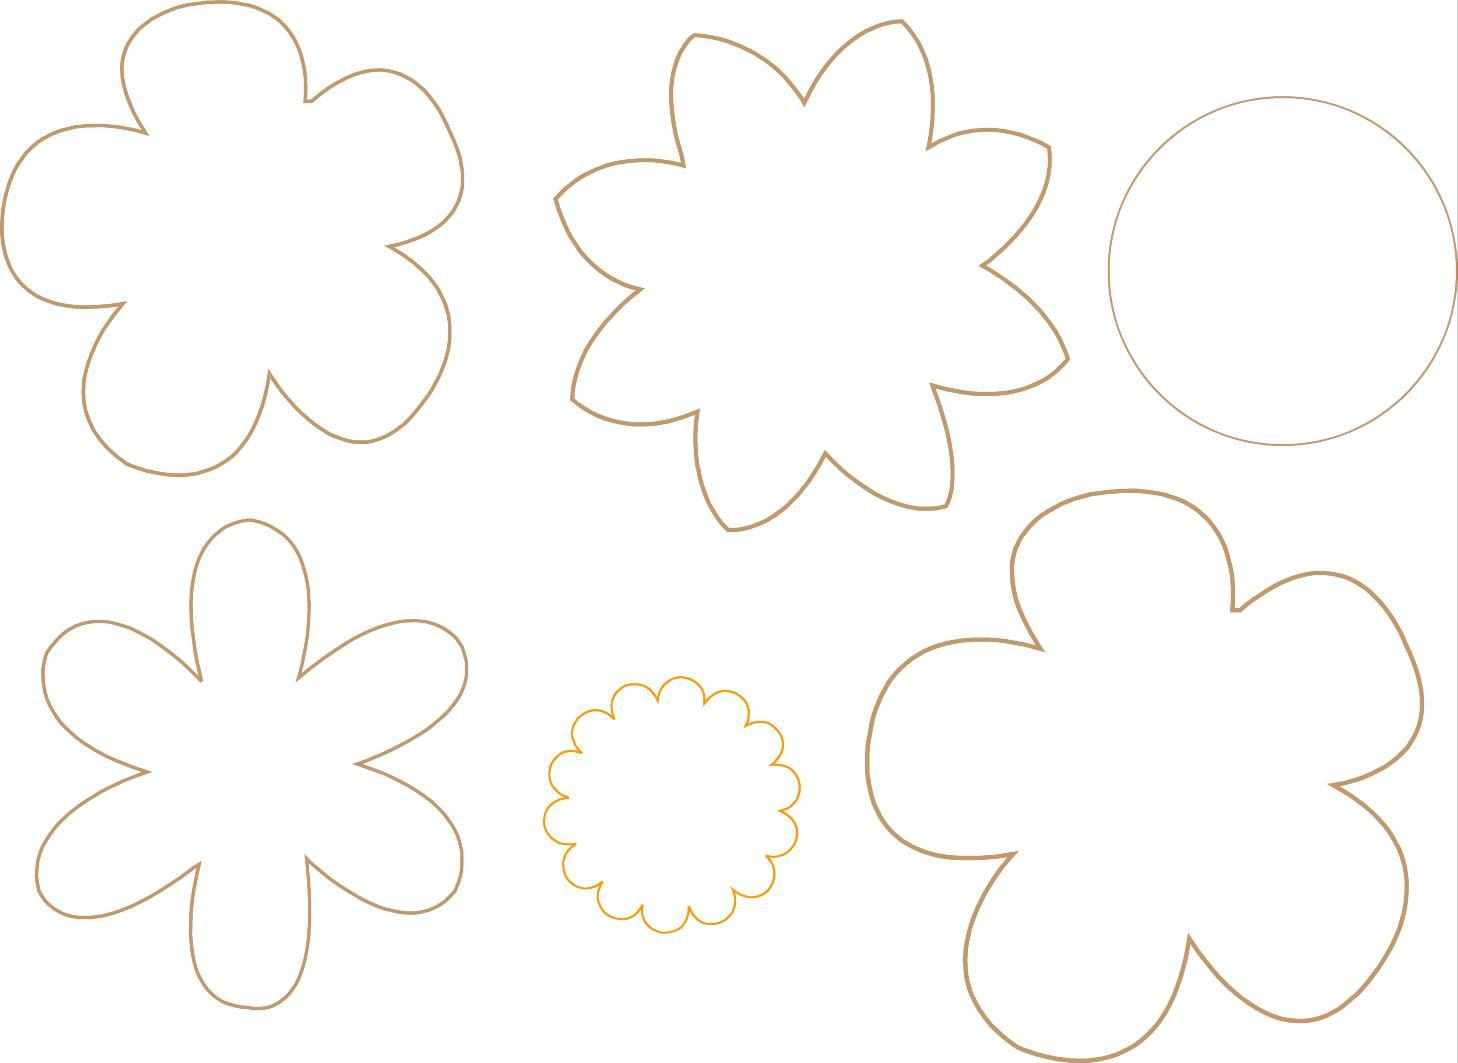 Estos Son Los Moldes De Las Flores  Los Hice En Un Programa De Dise  O